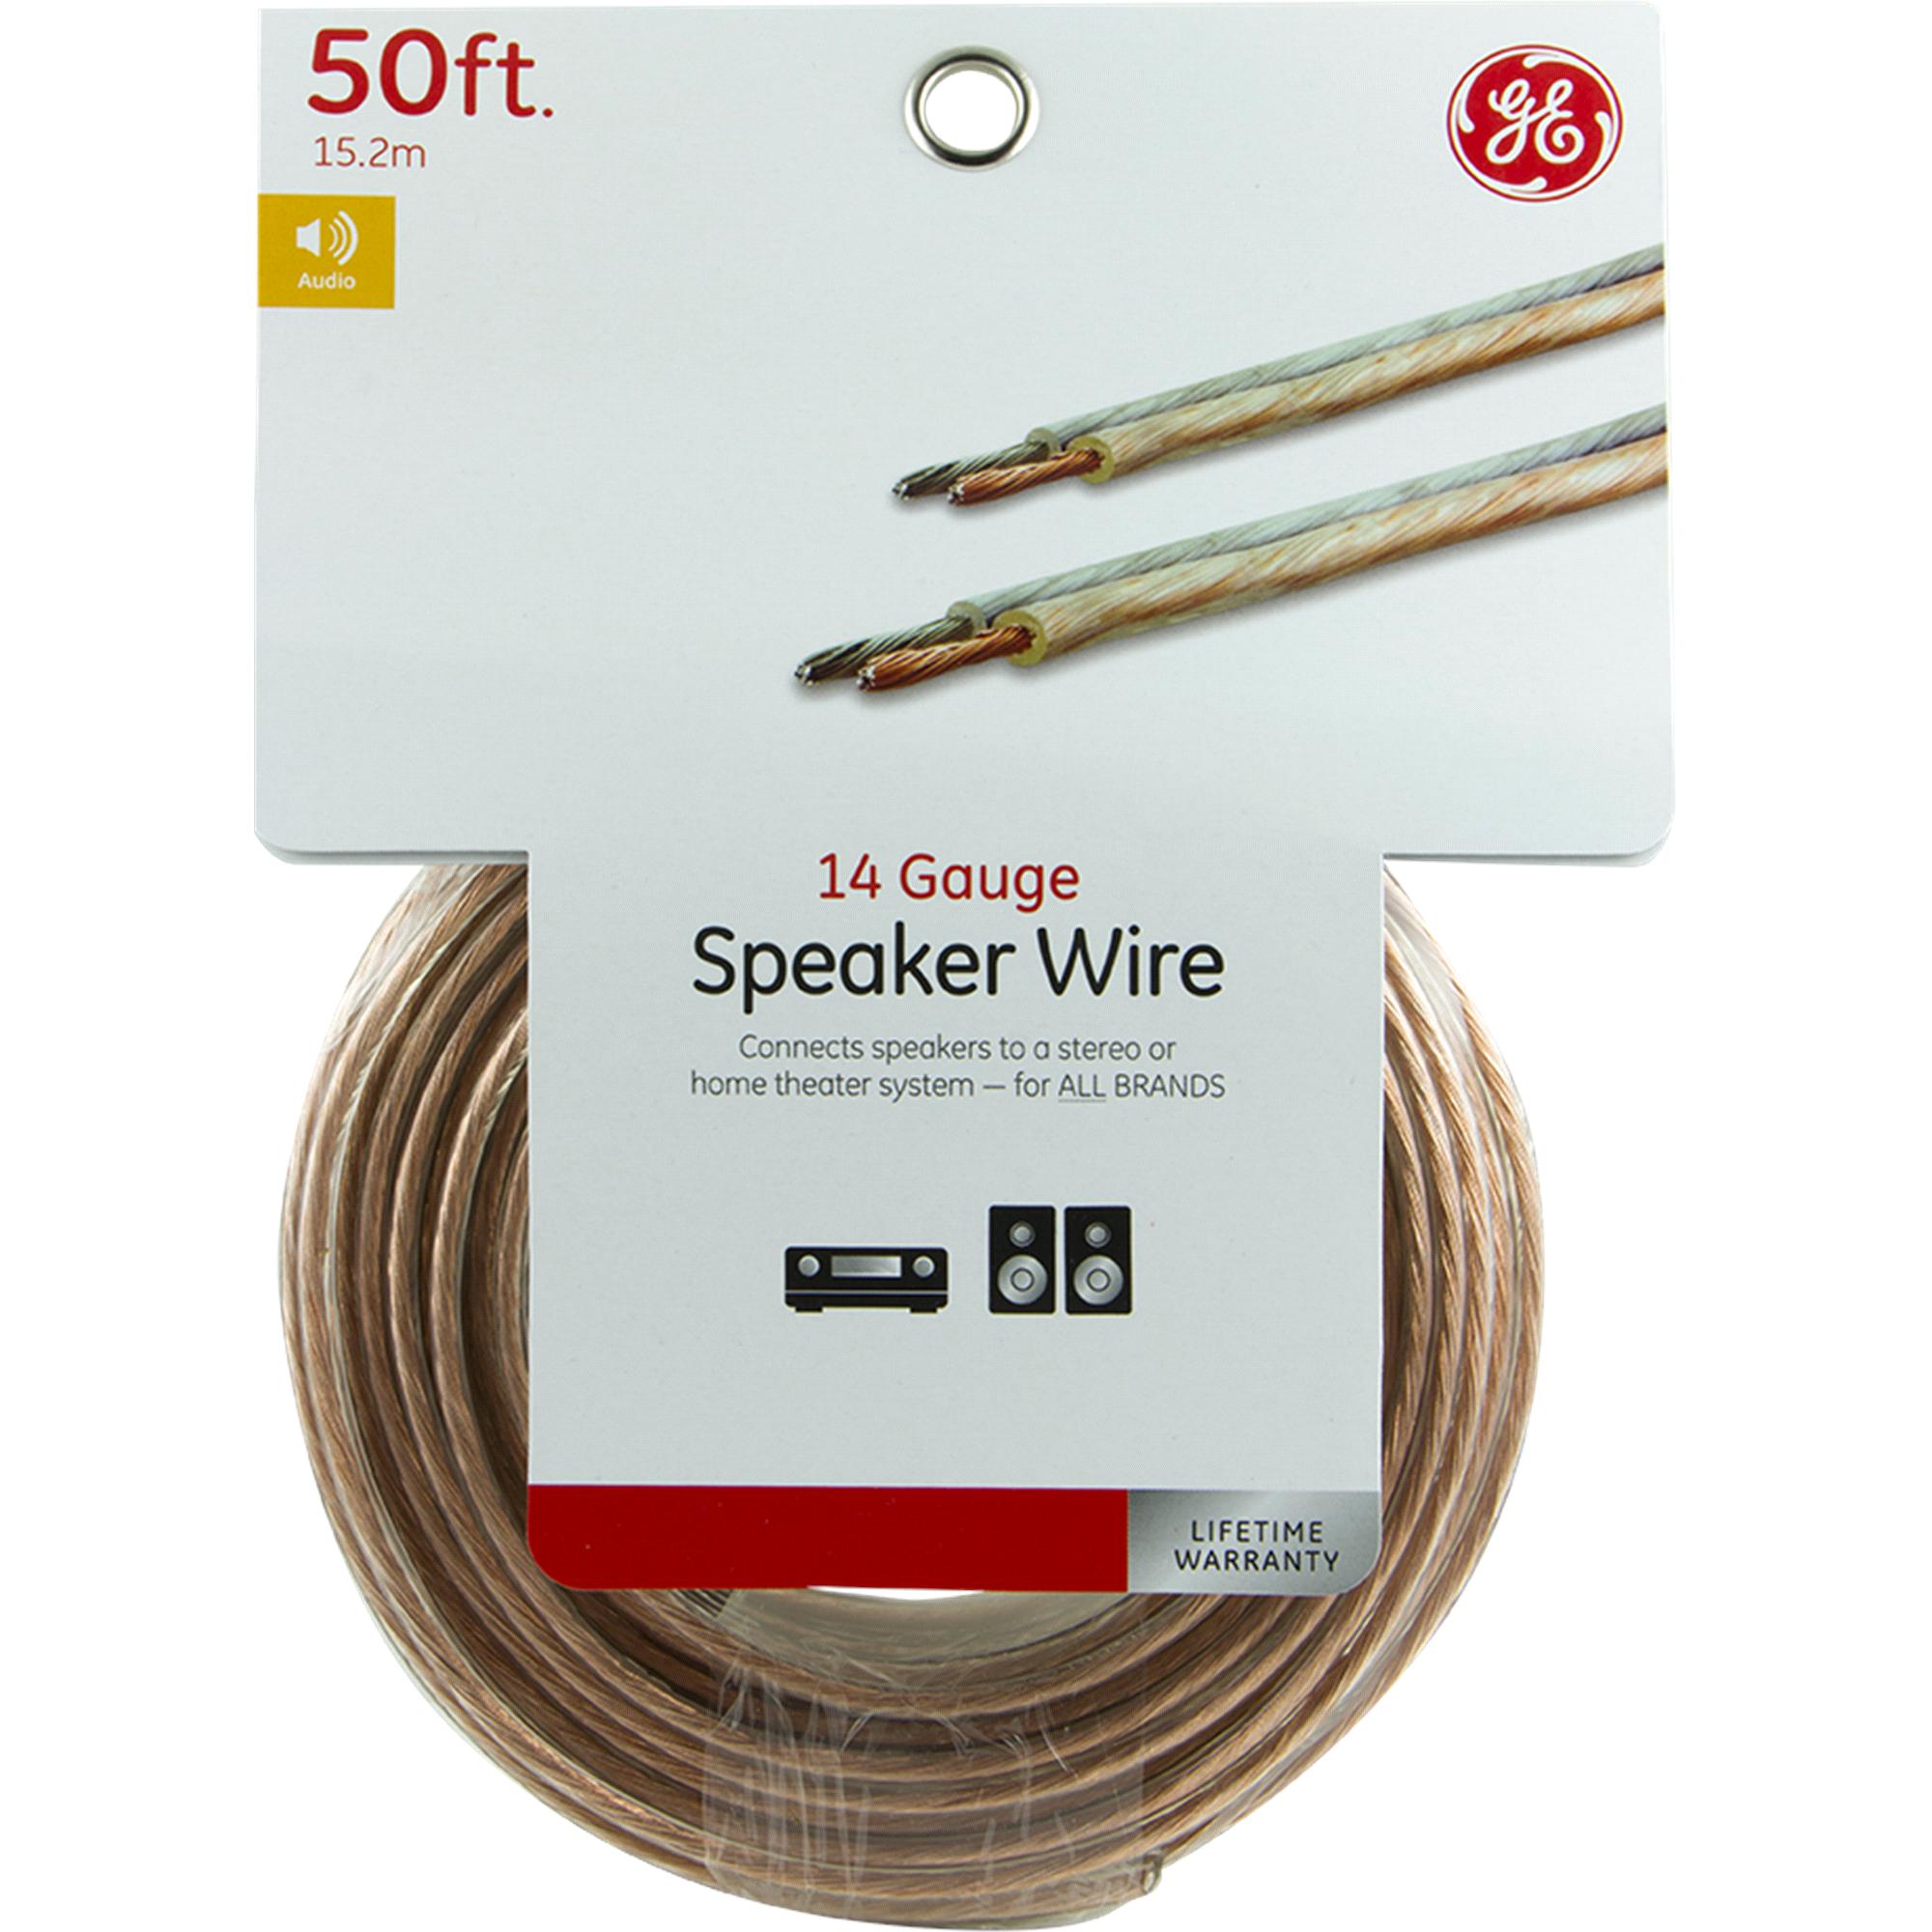 GE Speaker Wire 50-Foot 14 Gauge 34463 | Meijer.com